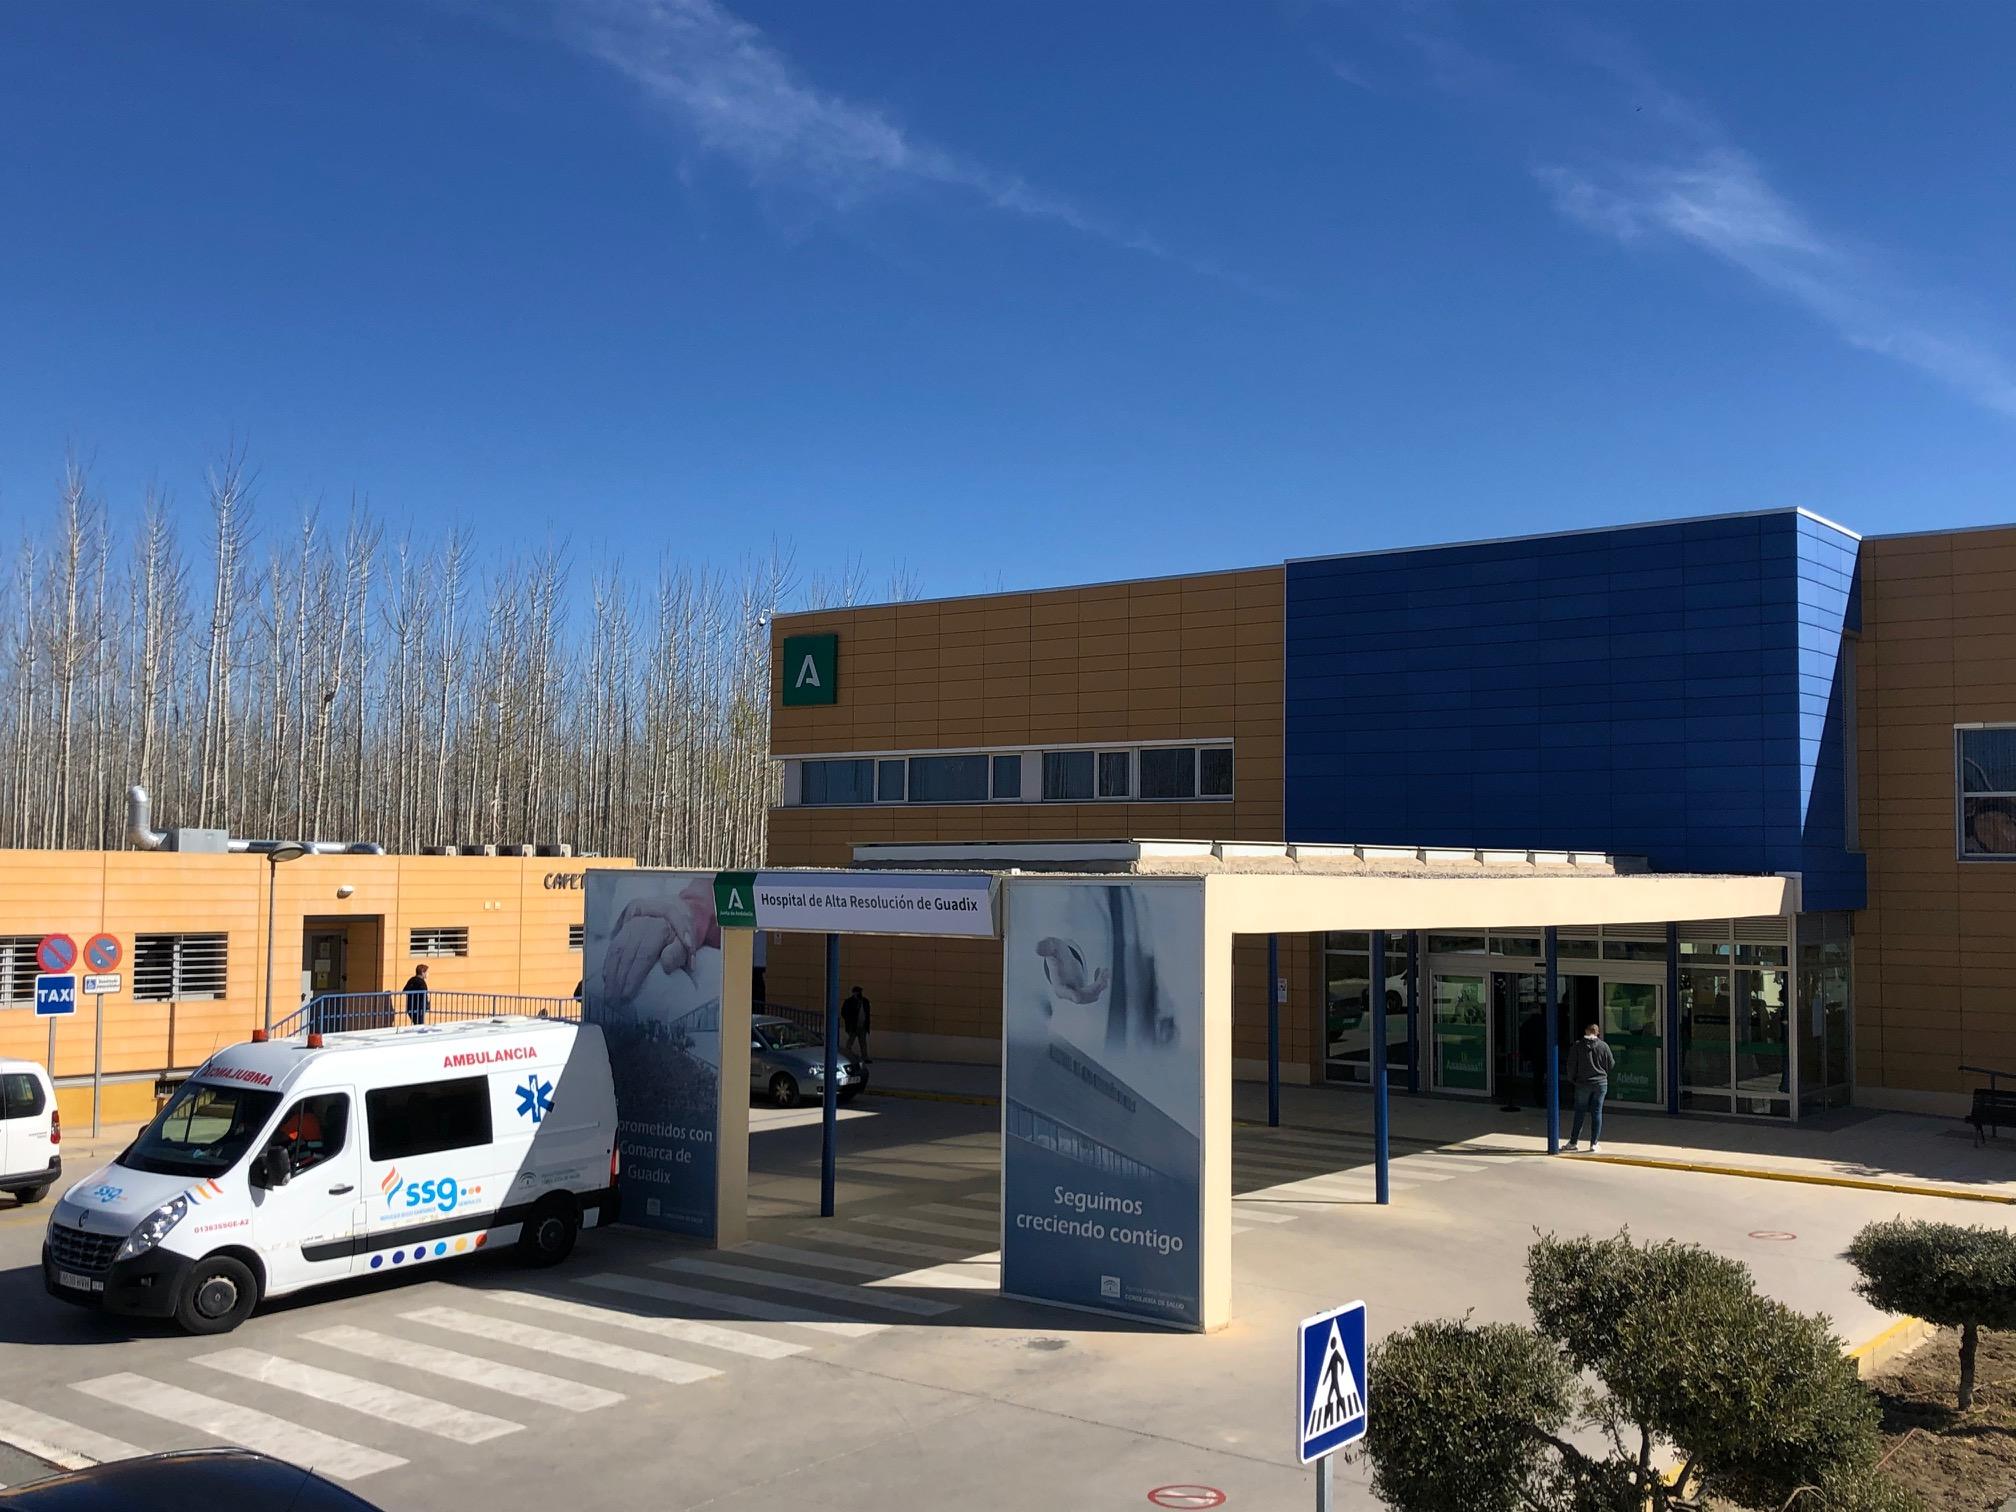 El Centro de Salud de Guadix no tiene actualmente ningún pediatra